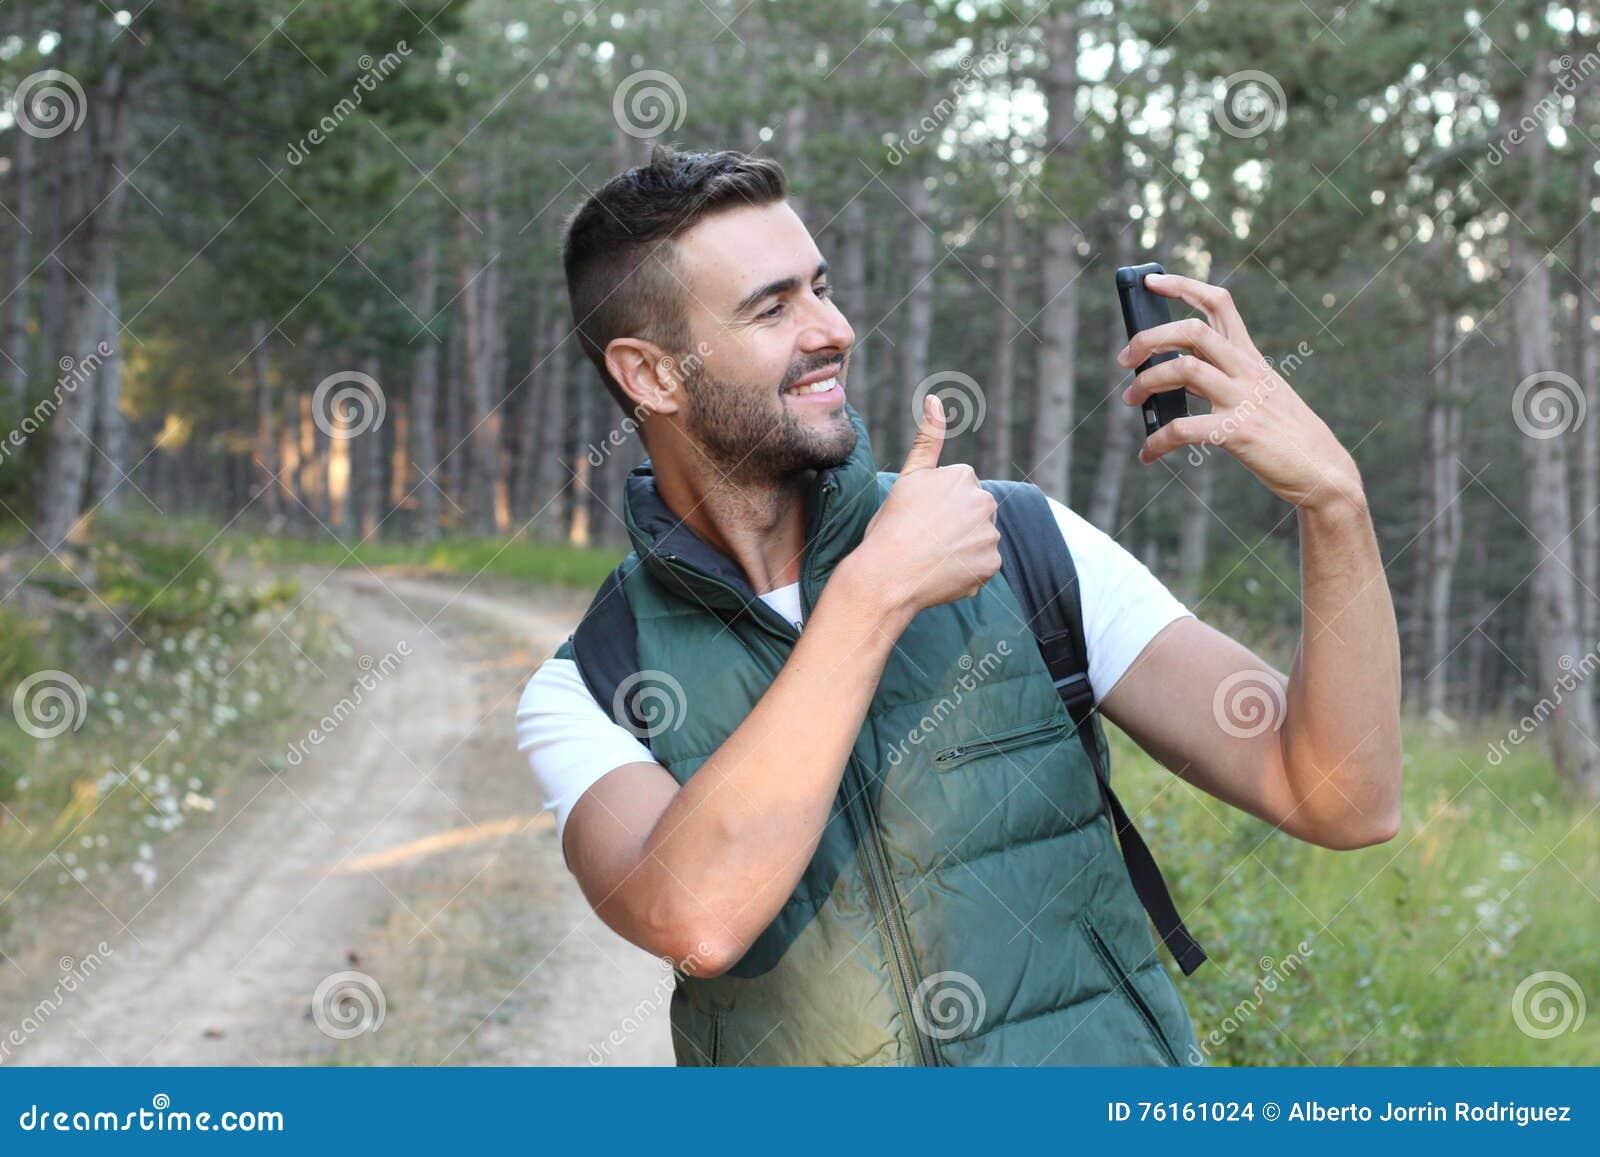 Ευτυχές χαριτωμένο άτομο που κάνει selfie τη φωτογραφία στο smartphone και που παρουσιάζει αντίχειρα πέρα από το υπόβαθρο δασών ή